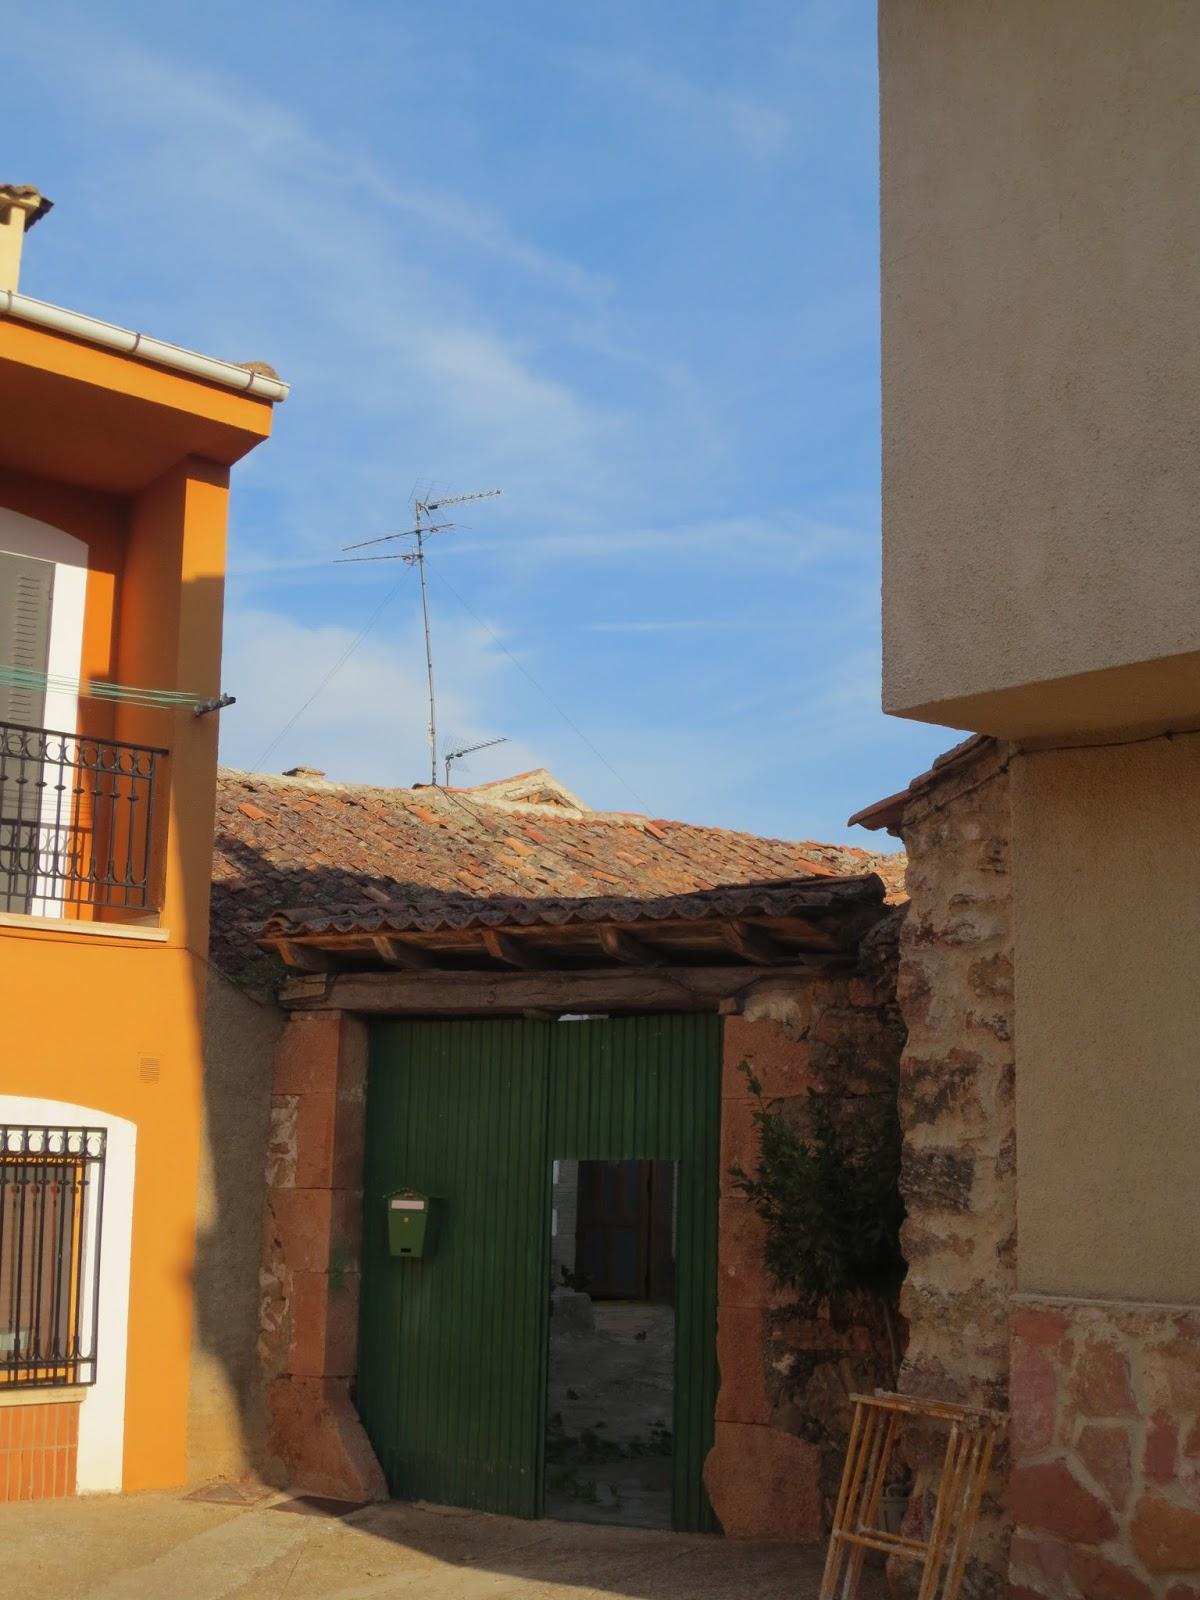 El talon sierte construcci n en segovia rehabilitaci n y reforma casa antigua pueblos - Subvenciones rehabilitacion casas antiguas ...